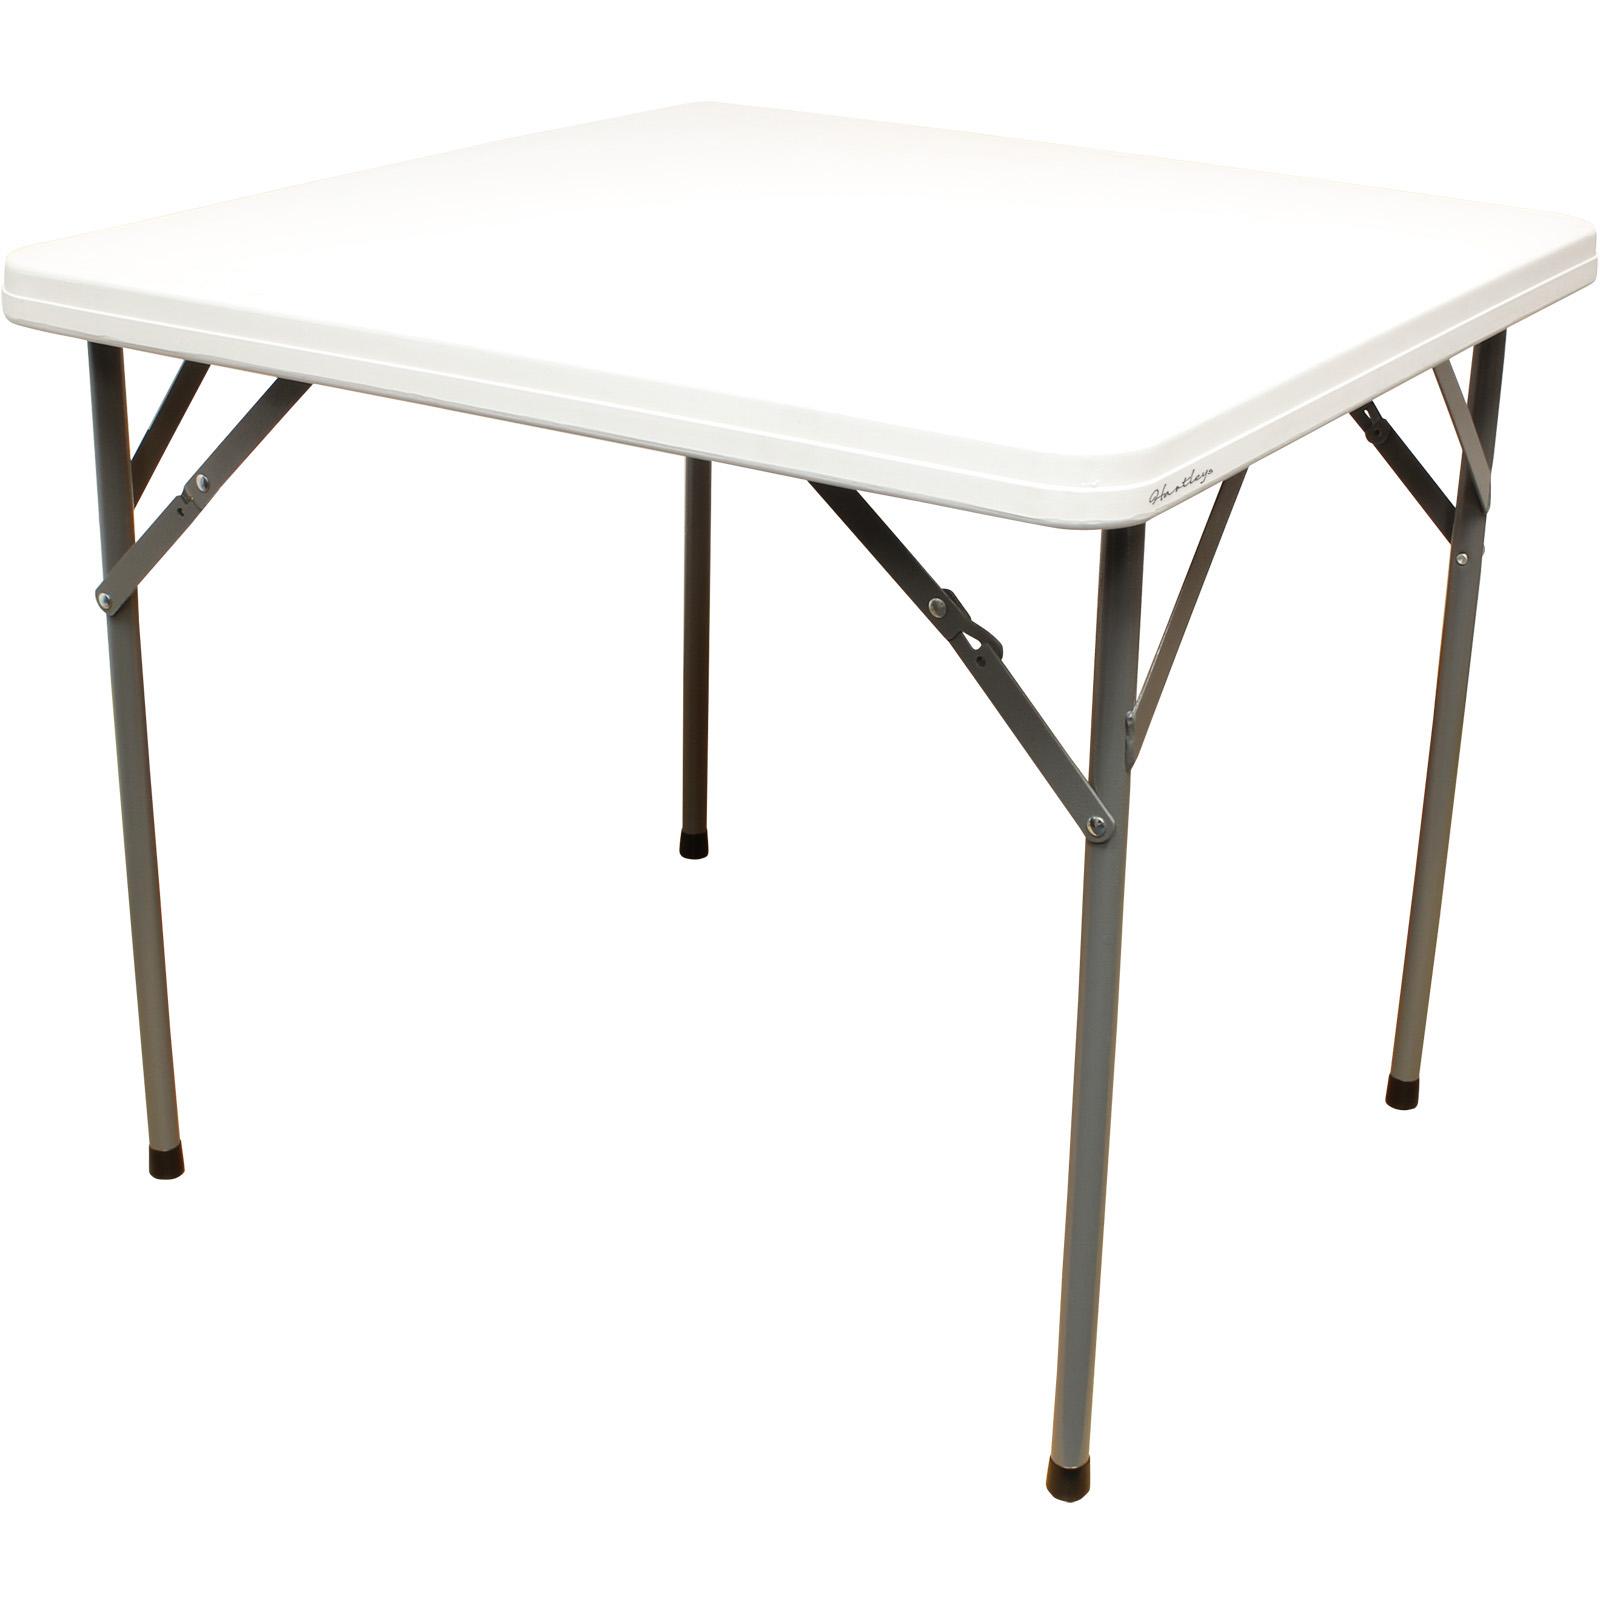 sale hartleys 3ft square white folding table for picnic kitchen damaged 397 ebay. Black Bedroom Furniture Sets. Home Design Ideas